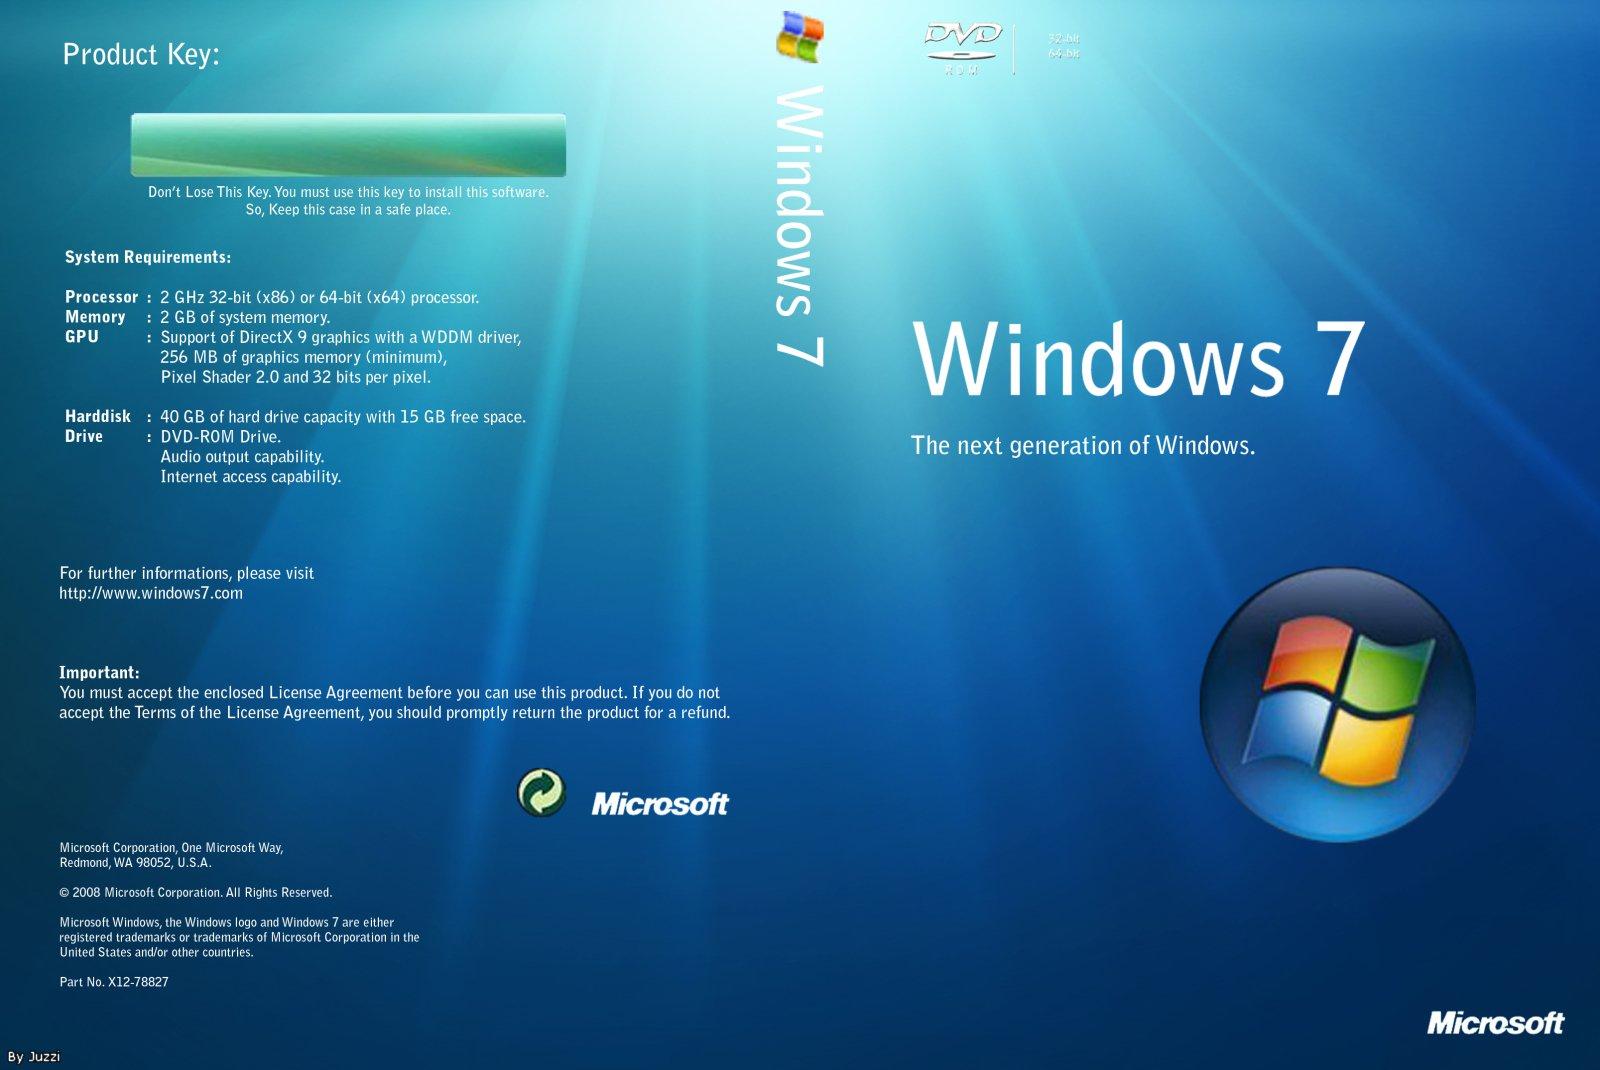 скачать windows 7 с драйверами домашняя базовая